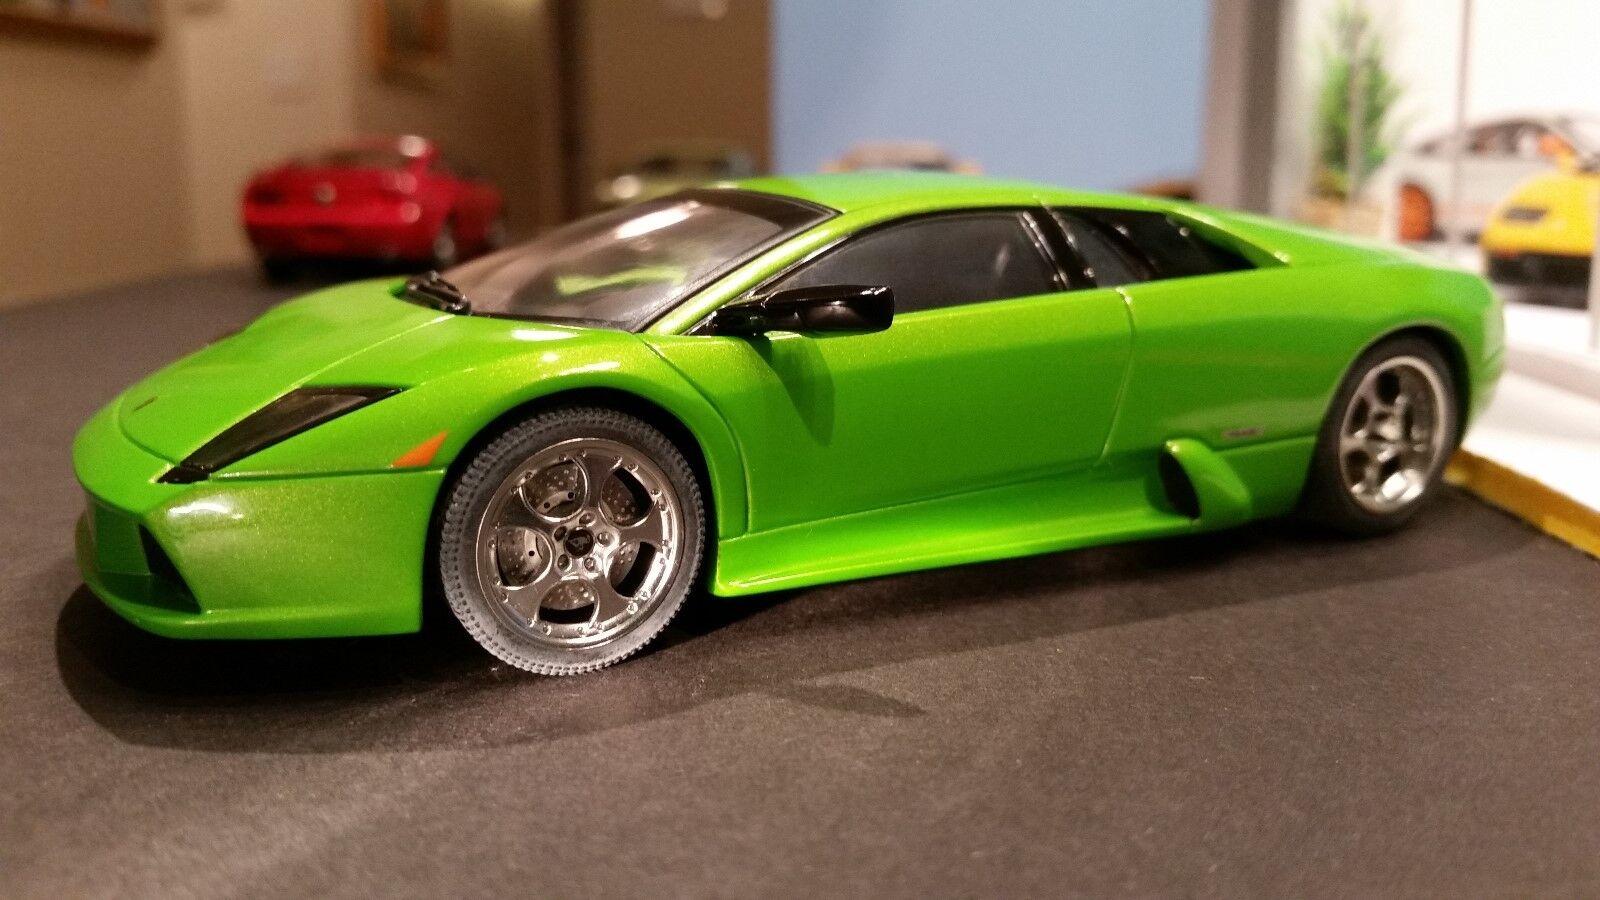 Autoart Slot Coche 1 32 Lamborghini Murcielago verde lámparas de iluminación nuevo todas las ruedas motrices 13023